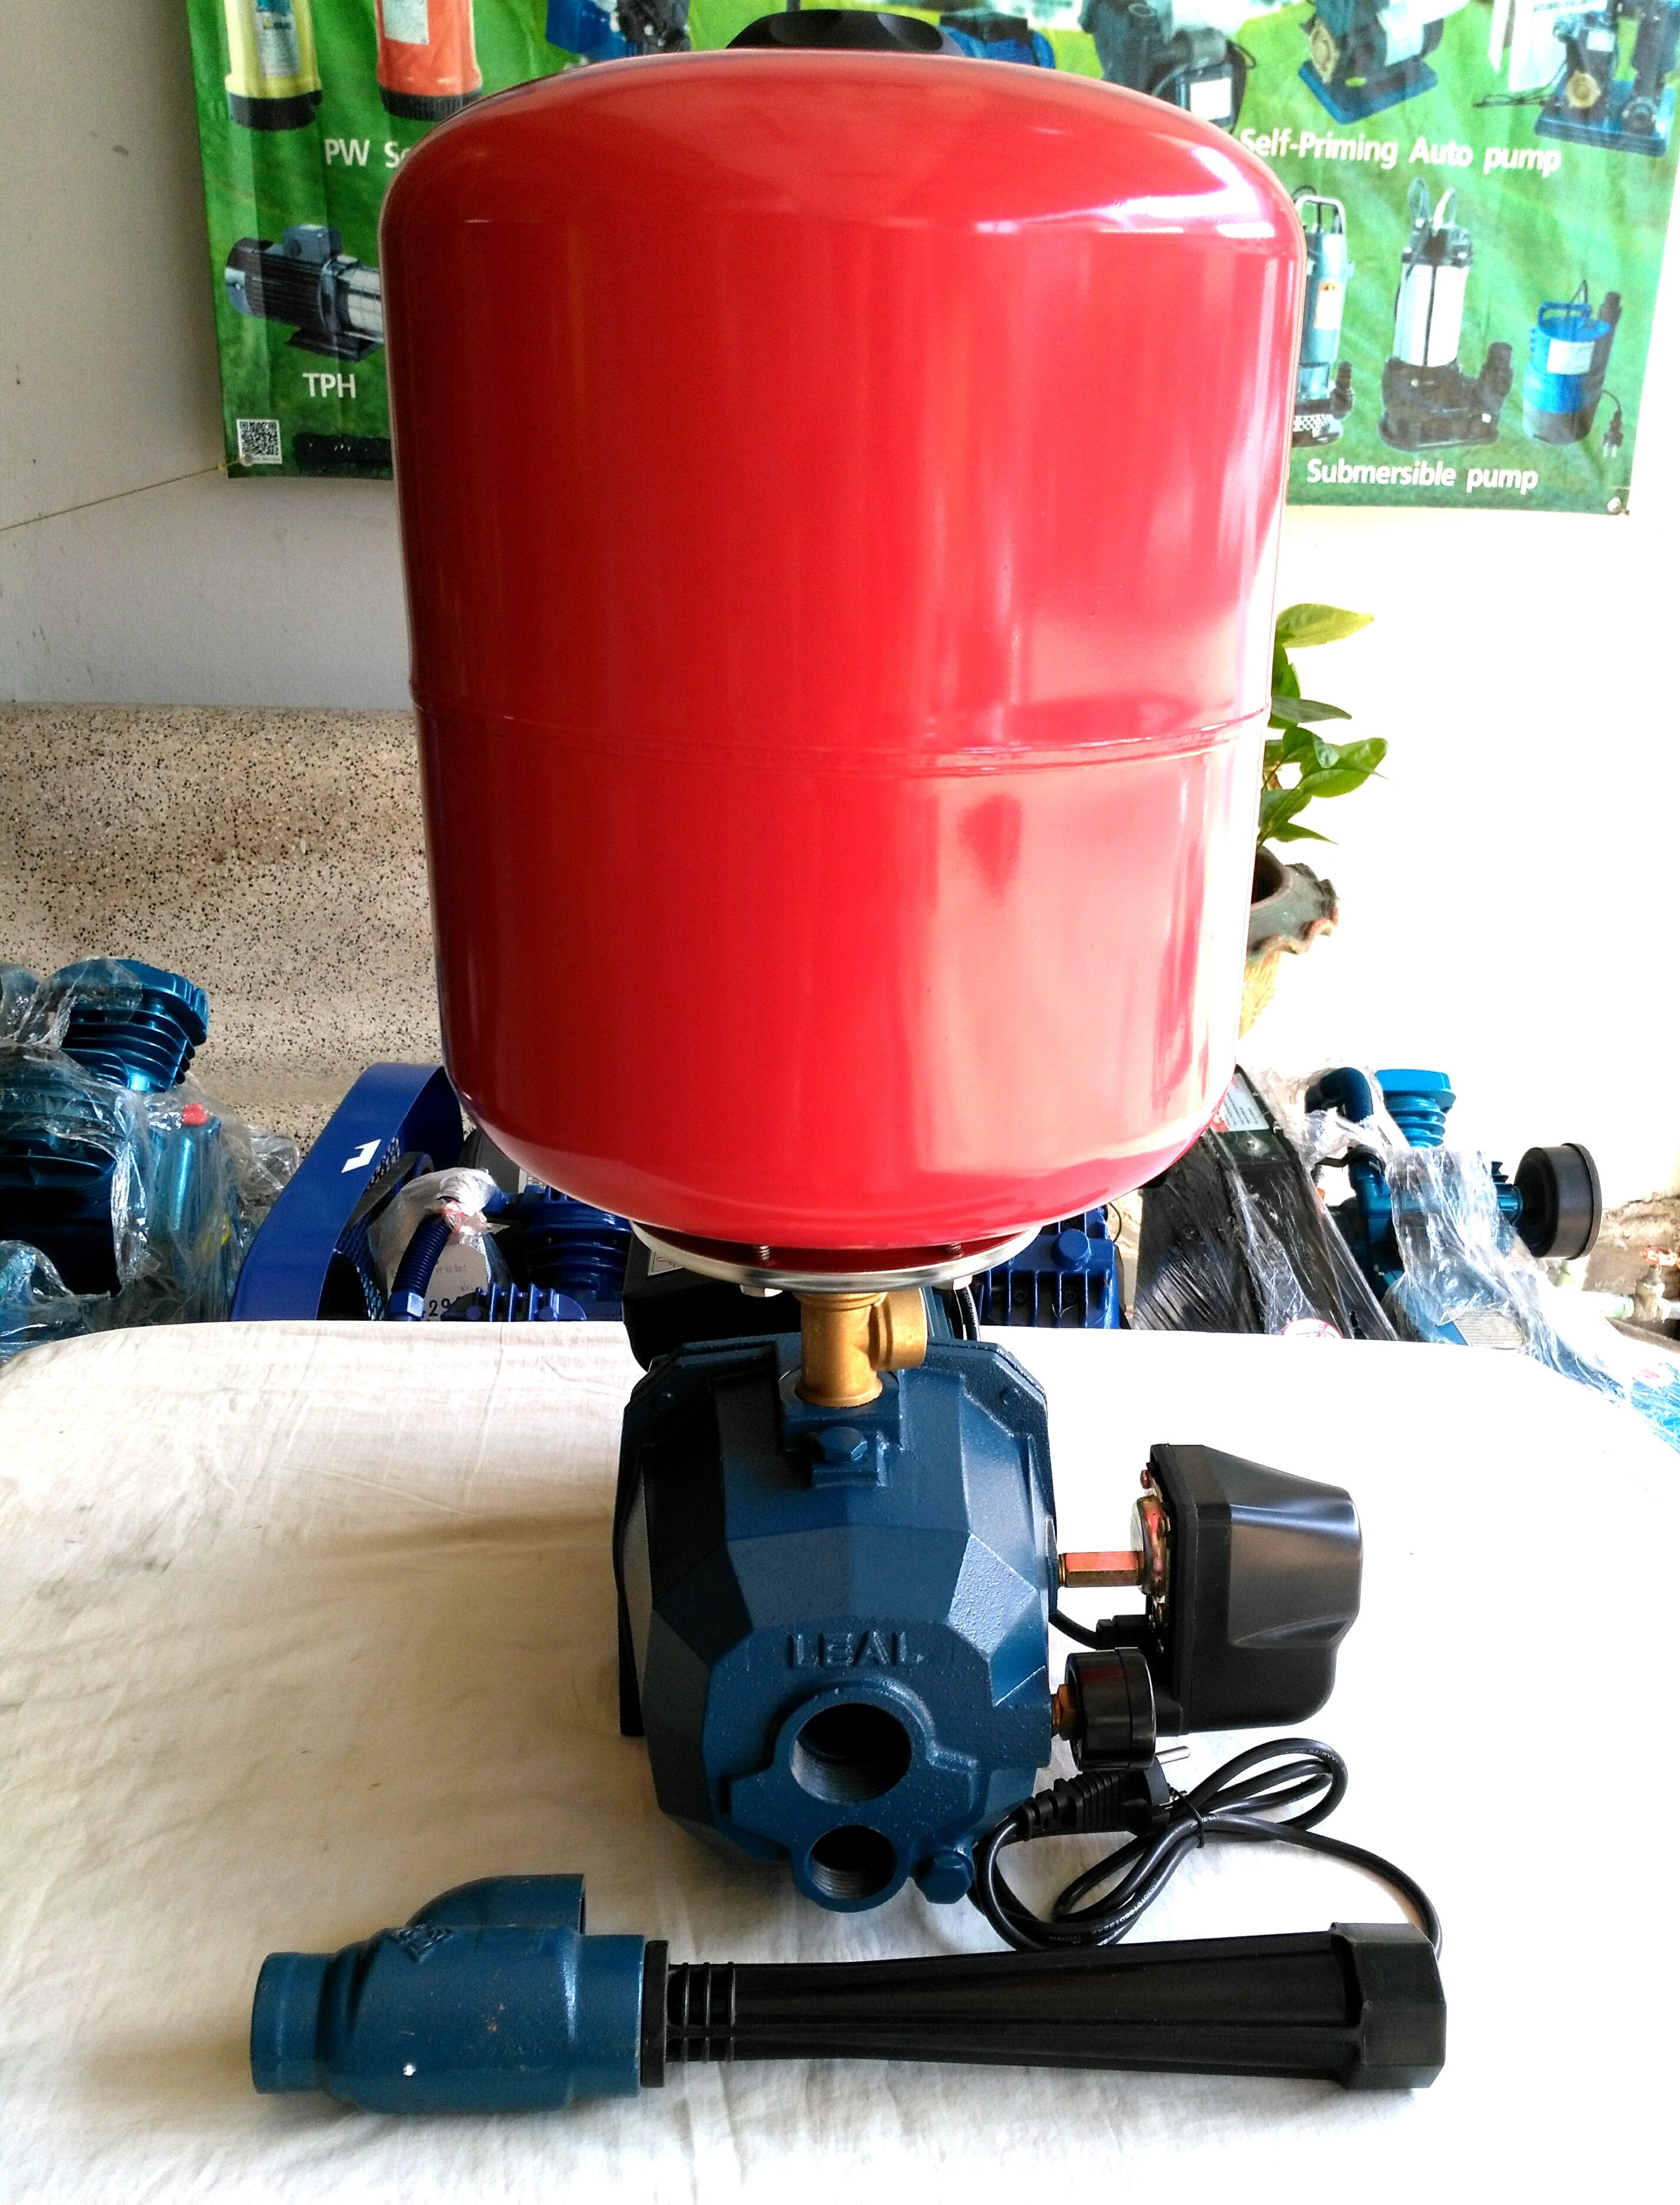 ปั๊มน้ำเจ็ทคู่ดูดบาดาล 1 HP บ่อ 4 นิ้ว LEAL รุ่น ADL11-25